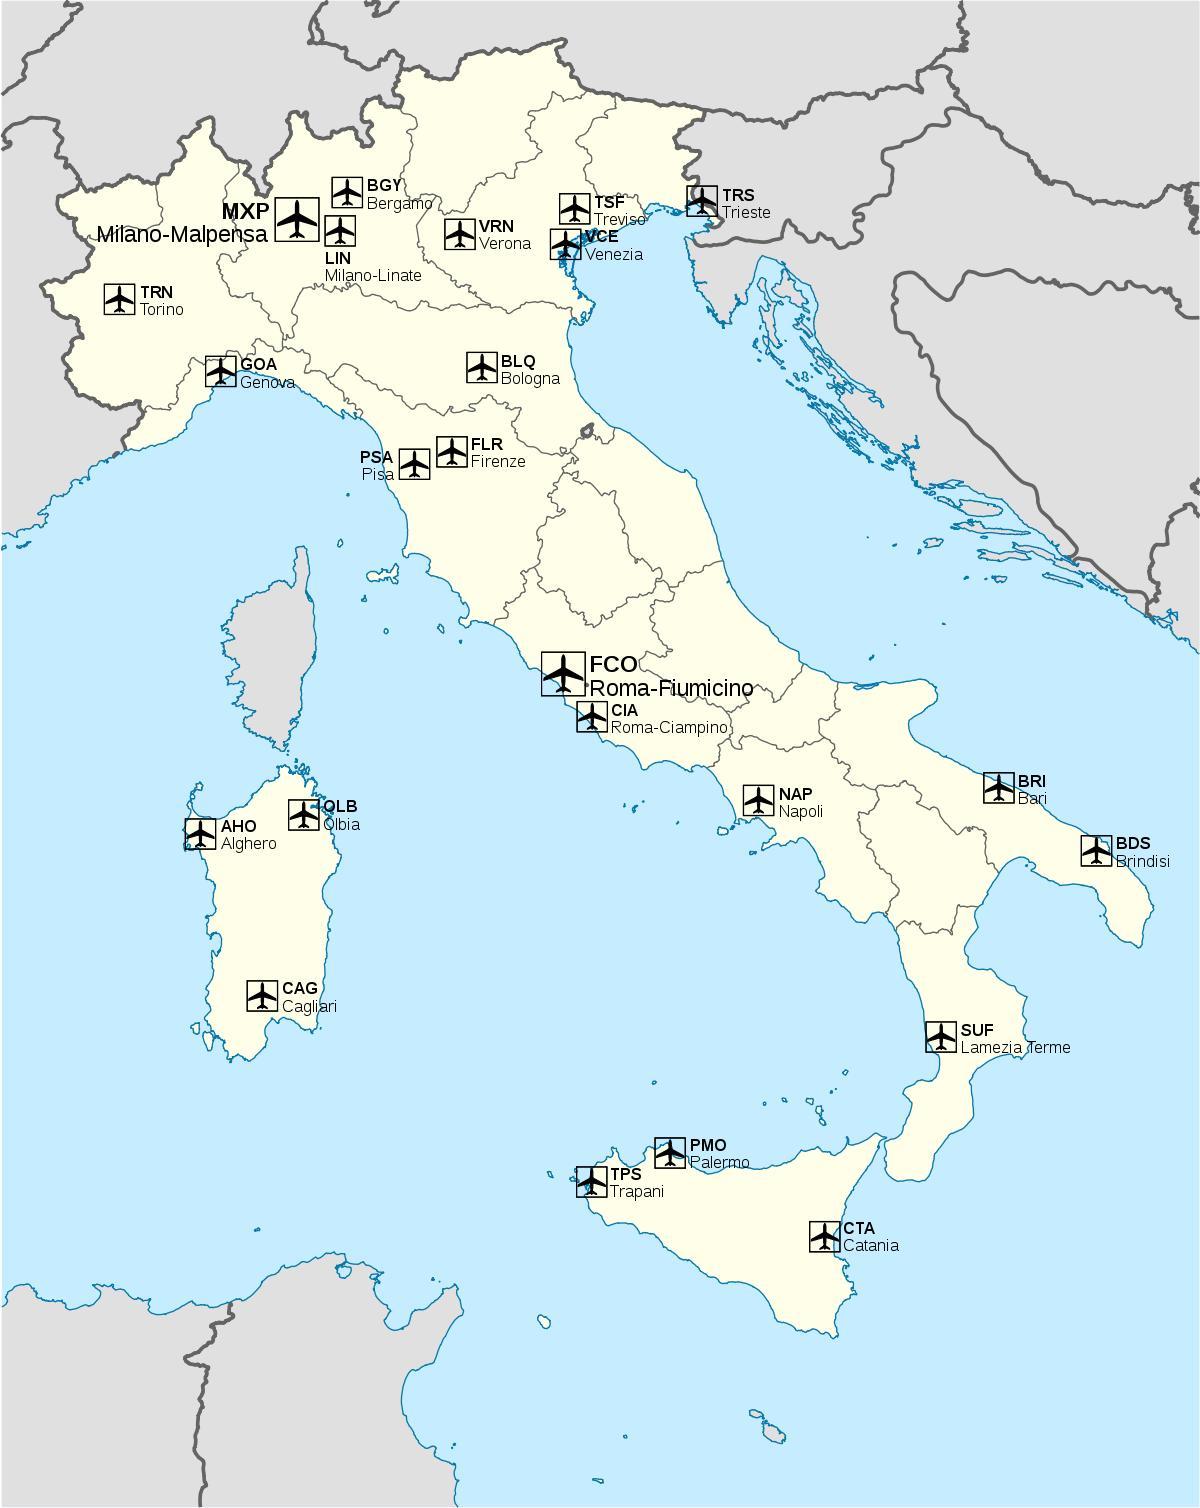 aeroportos de italia mapa Itália mapa do aeroporto Internacional de aeroportos em Itália  aeroportos de italia mapa